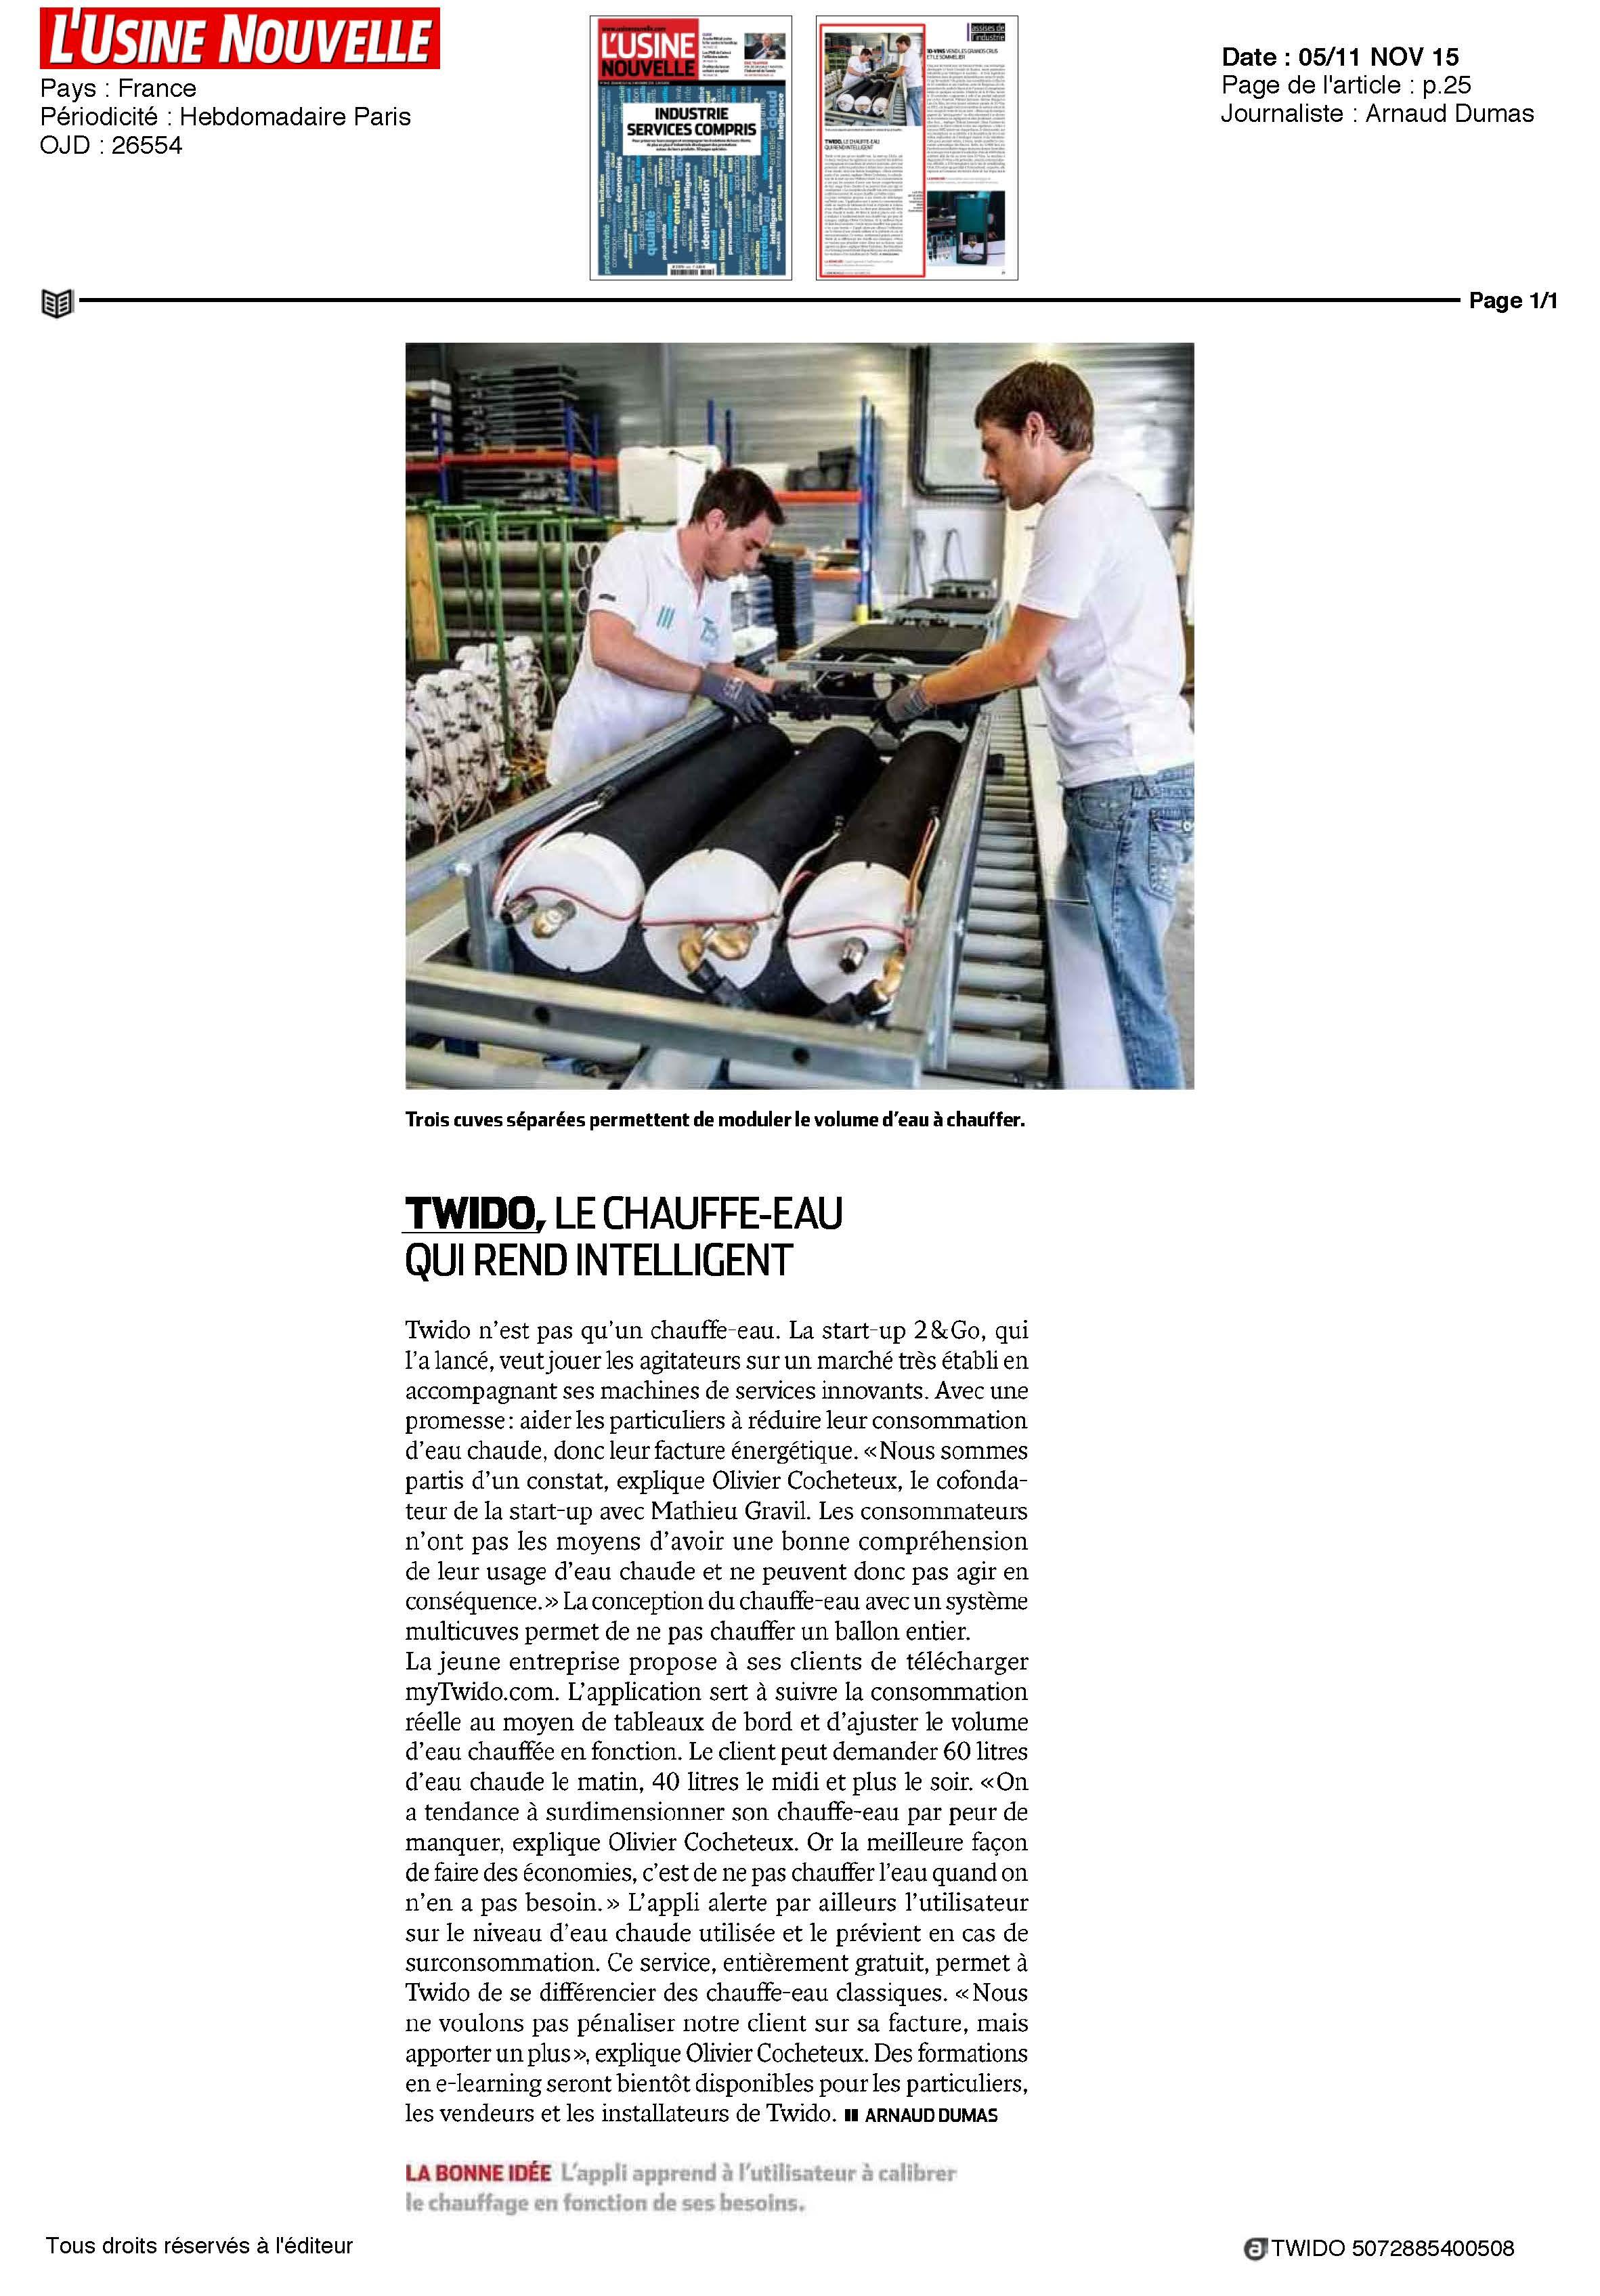 ARTICLE PRESSE : TWIDO, le chauffe-eau qui rend intelligent